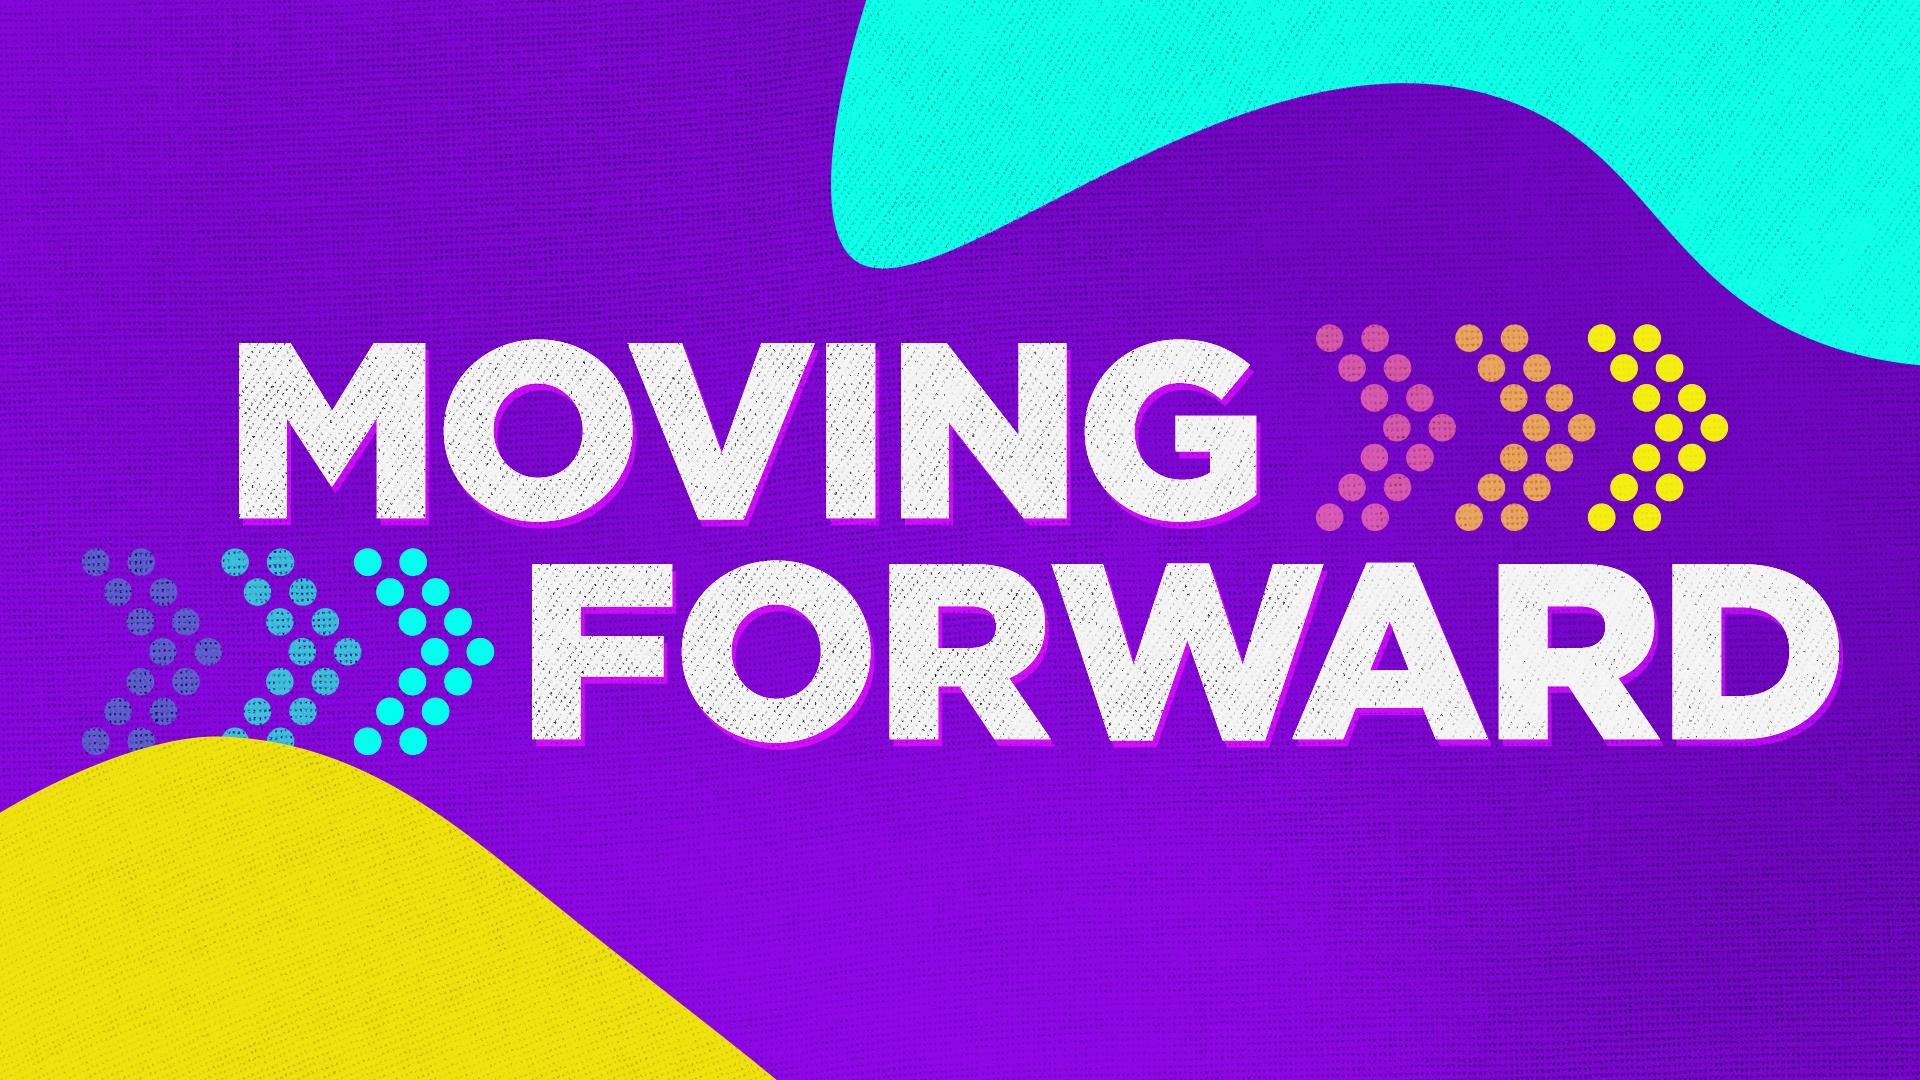 MovingForward(wide).png